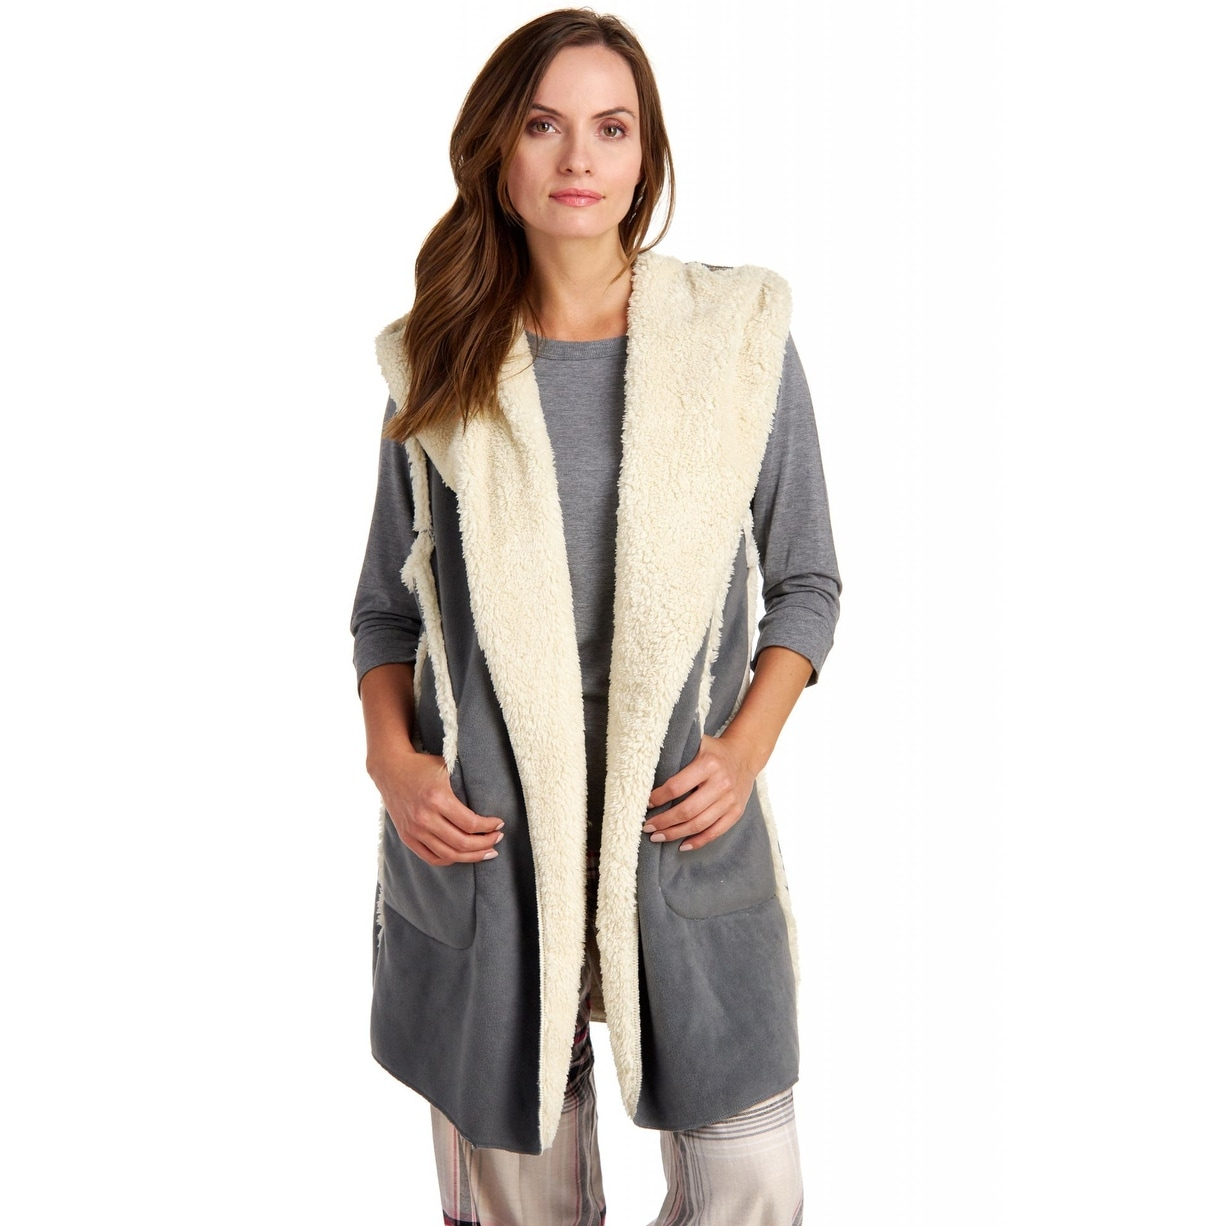 a6748b444c Shop Hue Sleepwear Women s Sleeveless Hooded Fleece Lined Robe - Castlerock  - Ships To Canada - Overstock - 18096143